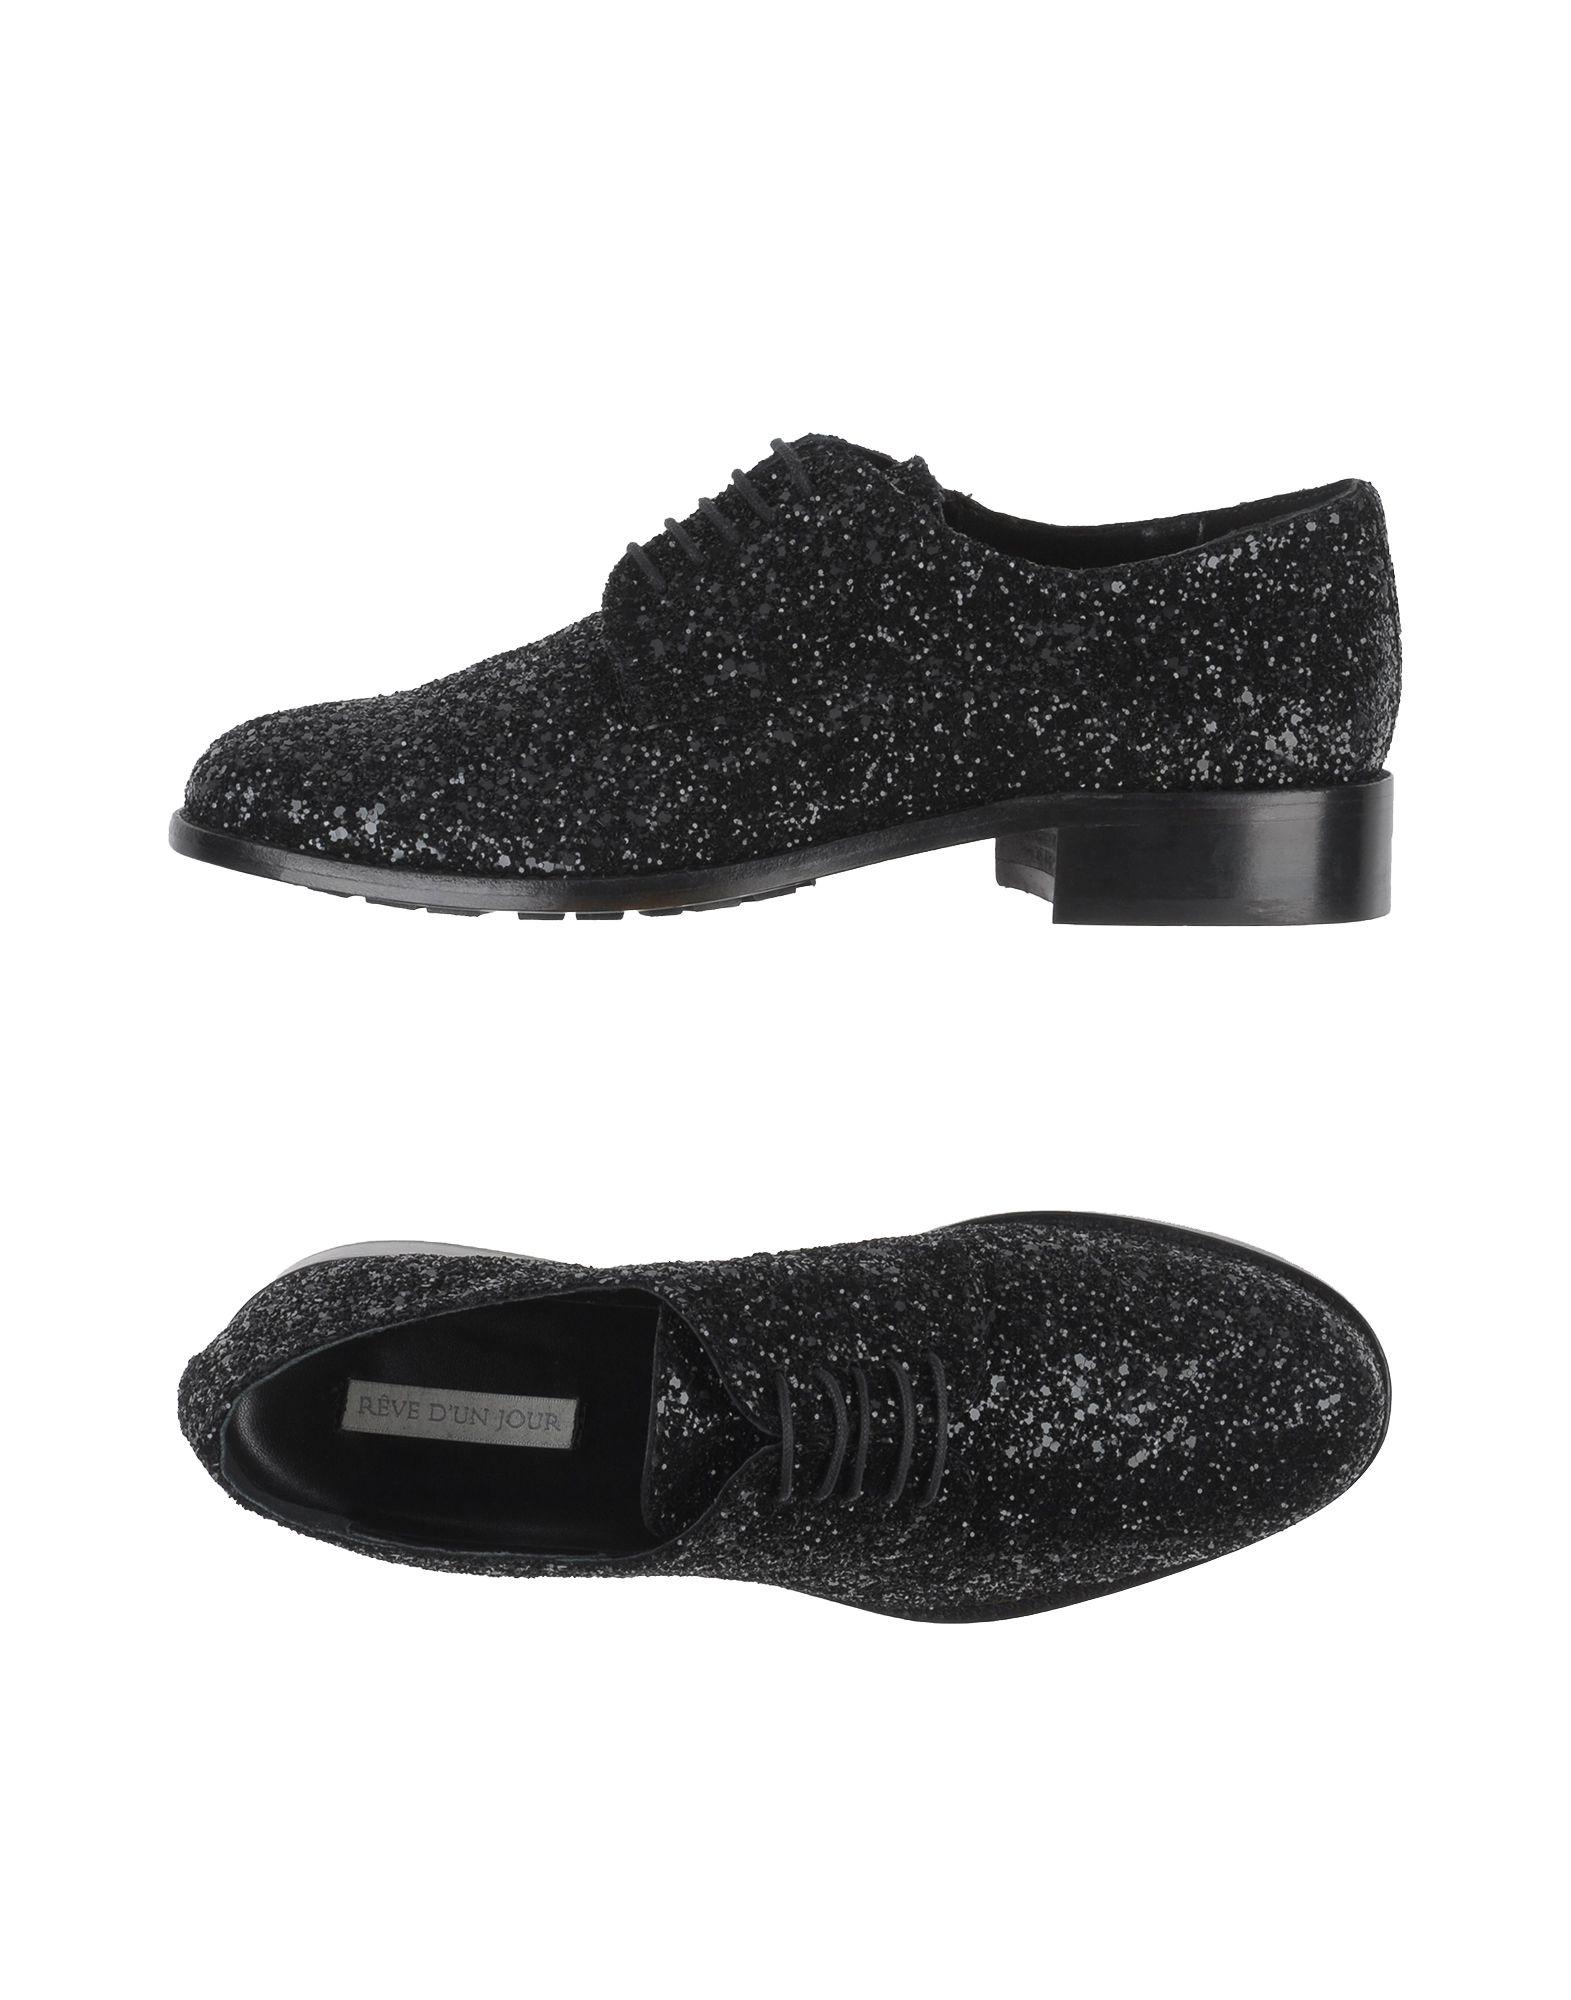 Rêve D'un Jour Schnürschuhe Damen  11049408UH Gute Qualität beliebte Schuhe